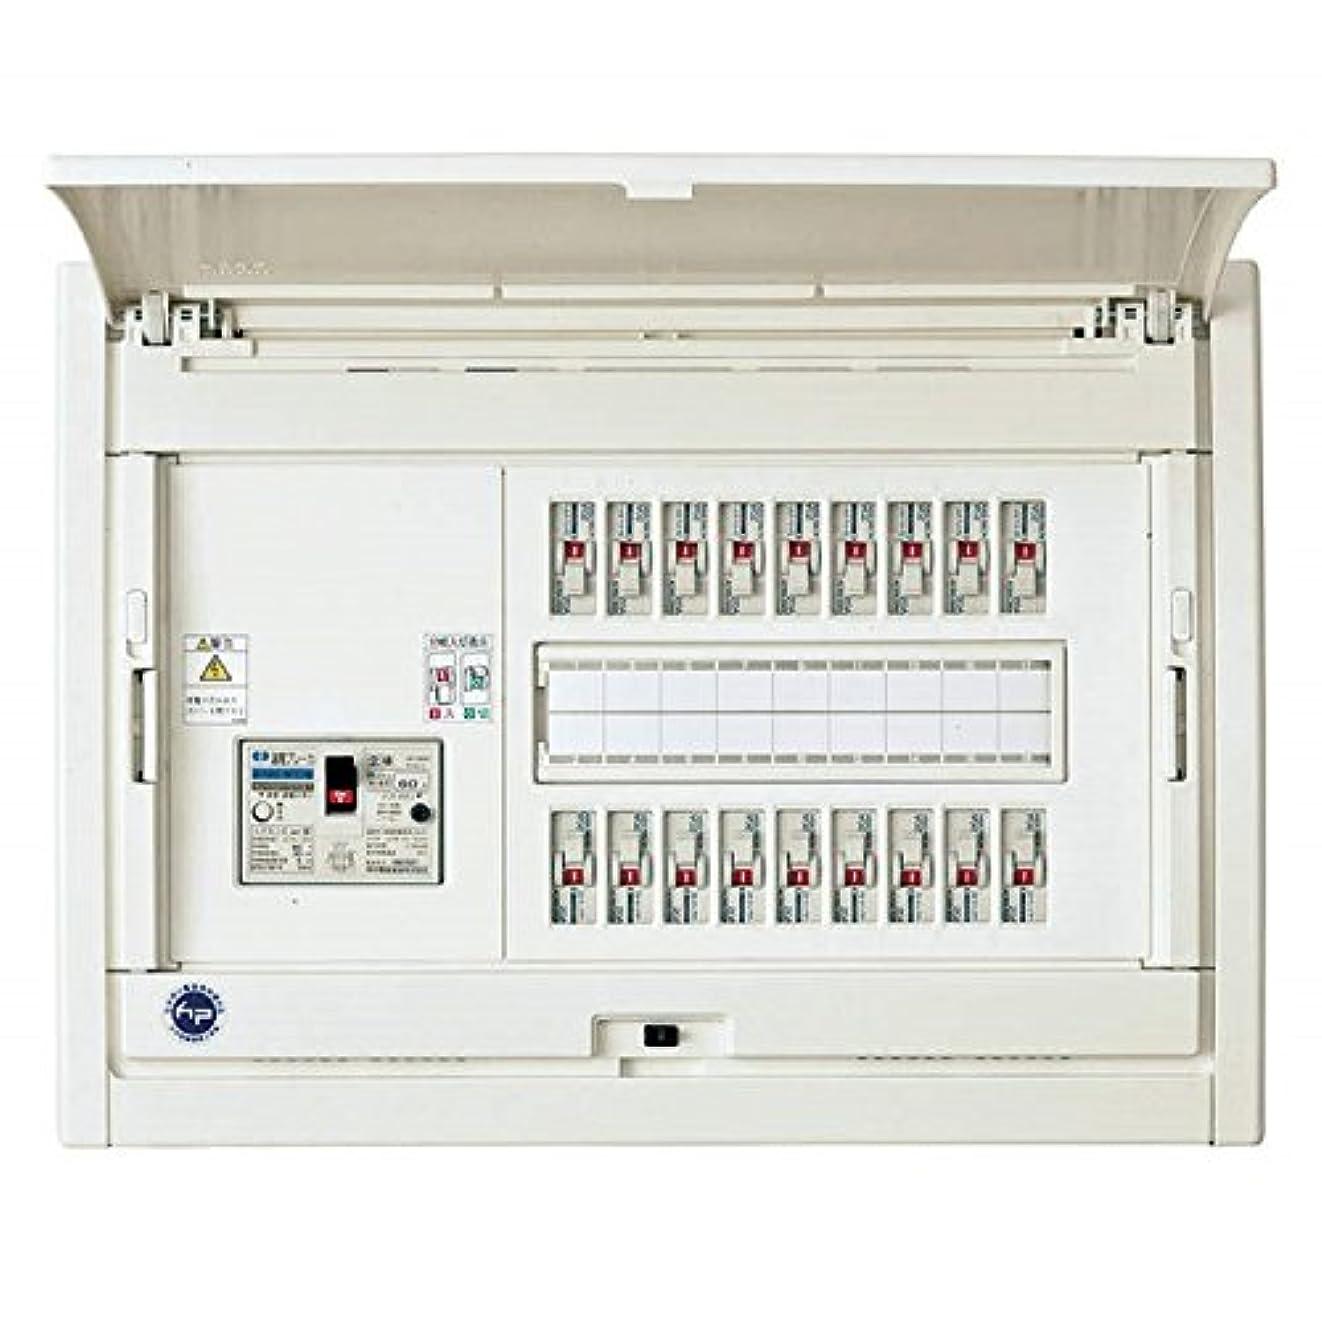 辞書追い付く不正直河村電器 スマートホーム分電盤 CN 3408-2FL